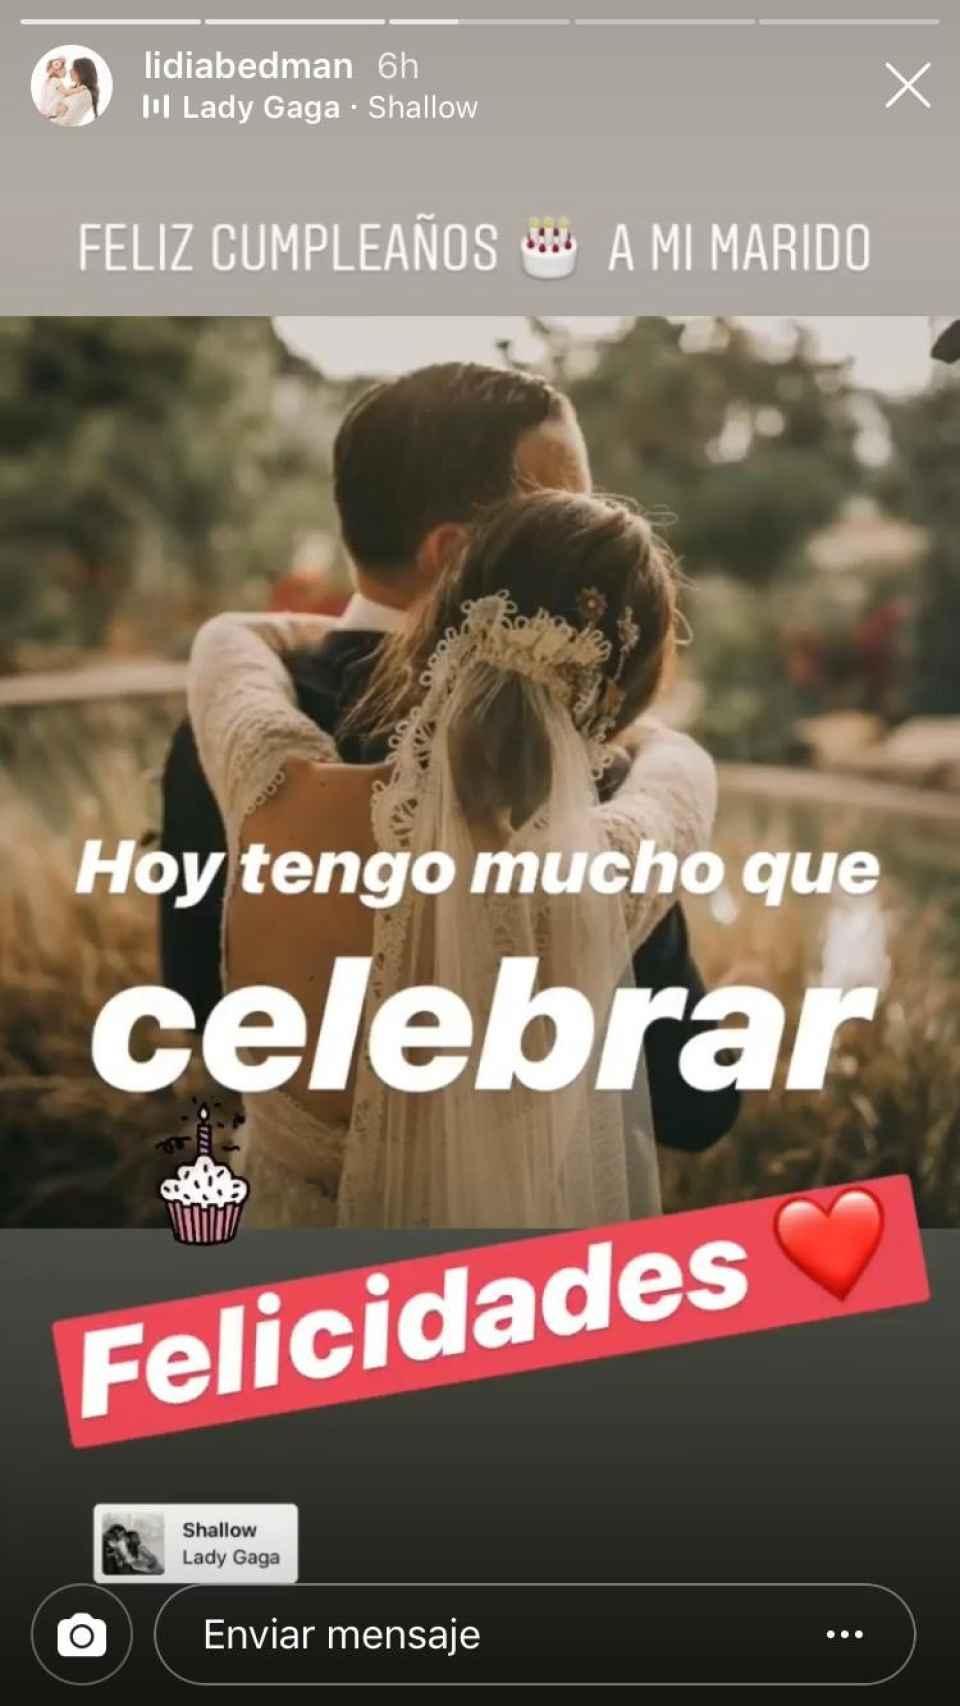 Lidia Bedman felicita a su marido, Santiago Abascal, el día de su cumpleaños.